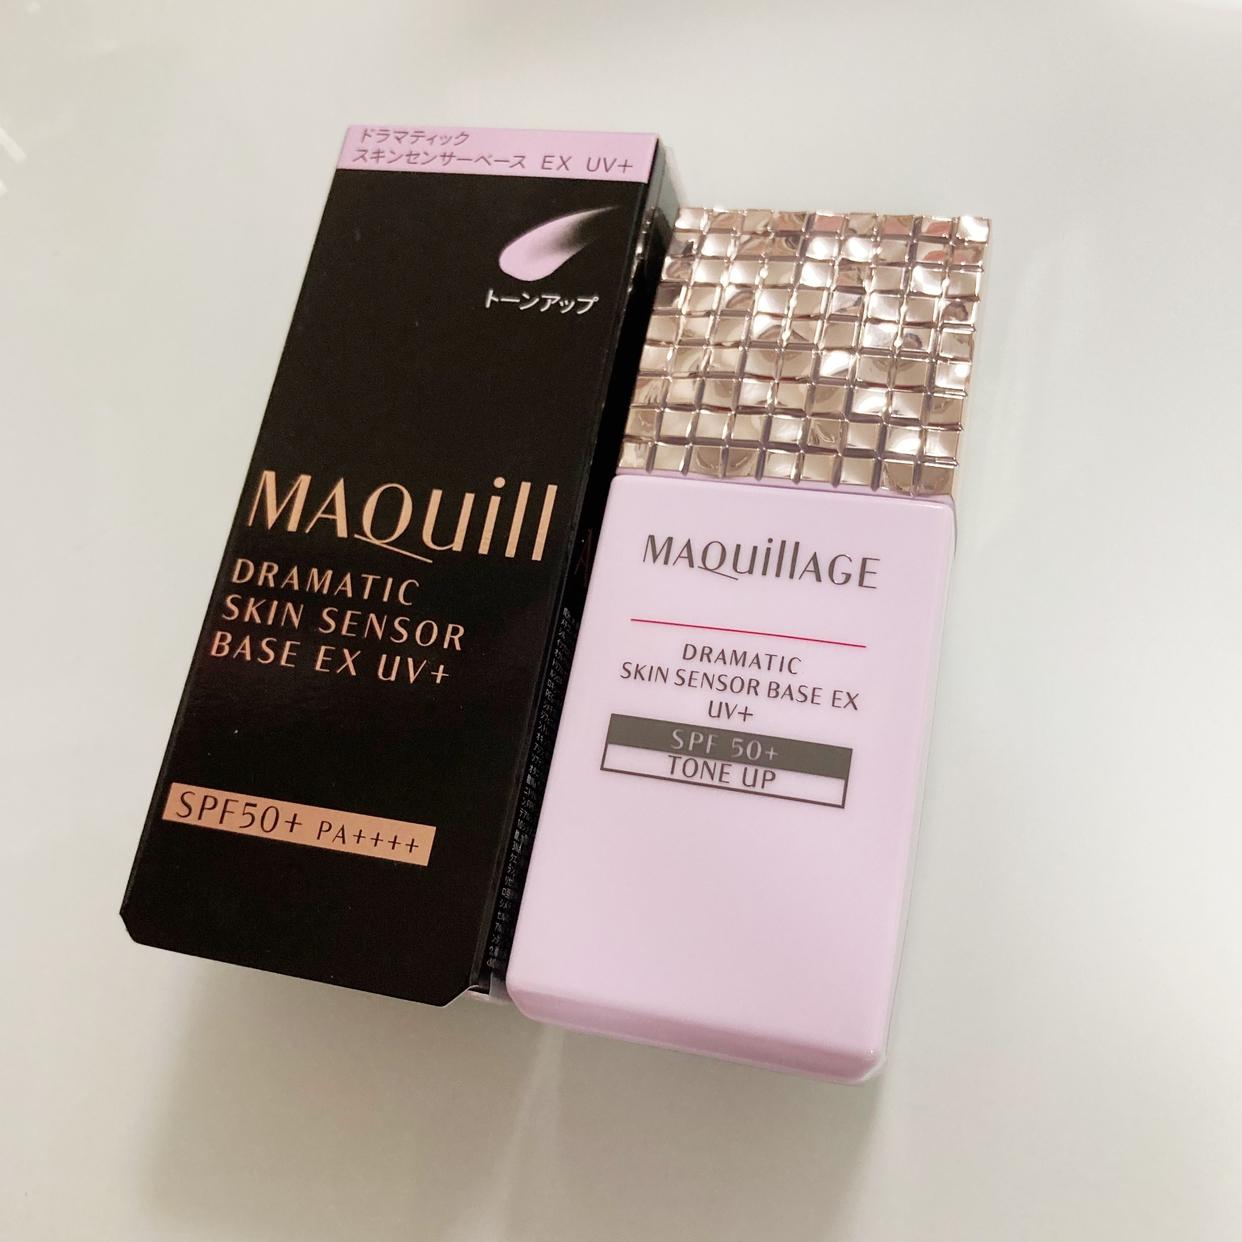 MAQUillAGE(マキアージュ) ドラマティックスキンセンサーベース EX UV+を使ったmemiさんのクチコミ画像